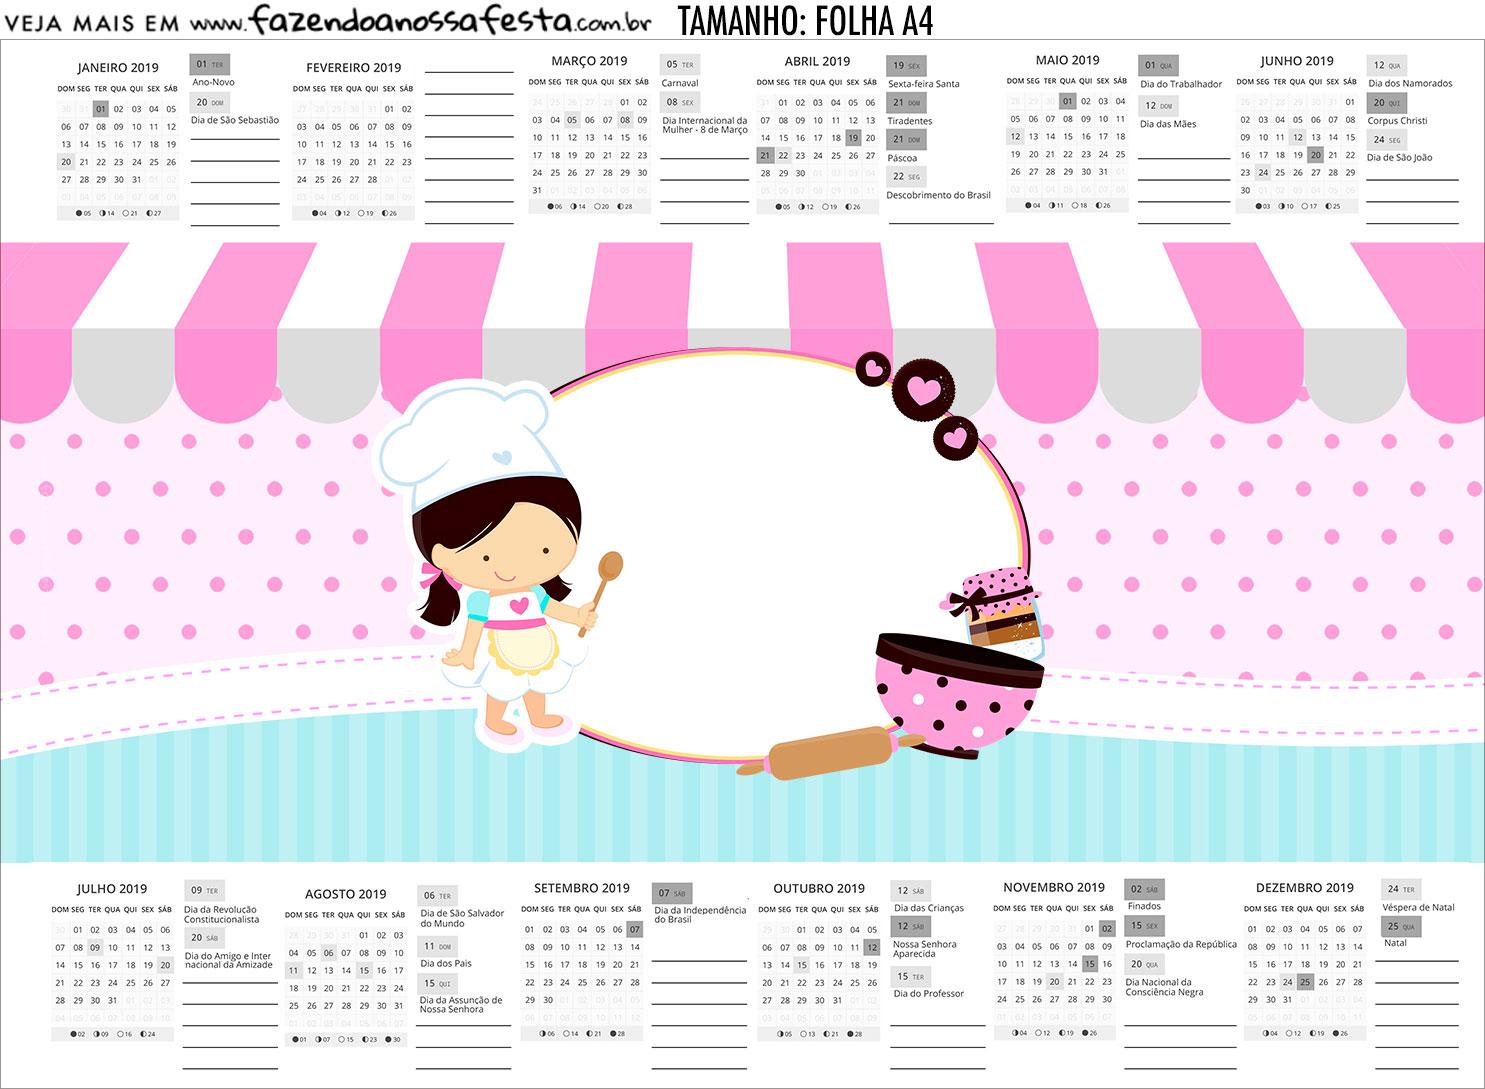 Calendario Personalizado 2019 Festa Confeitaria